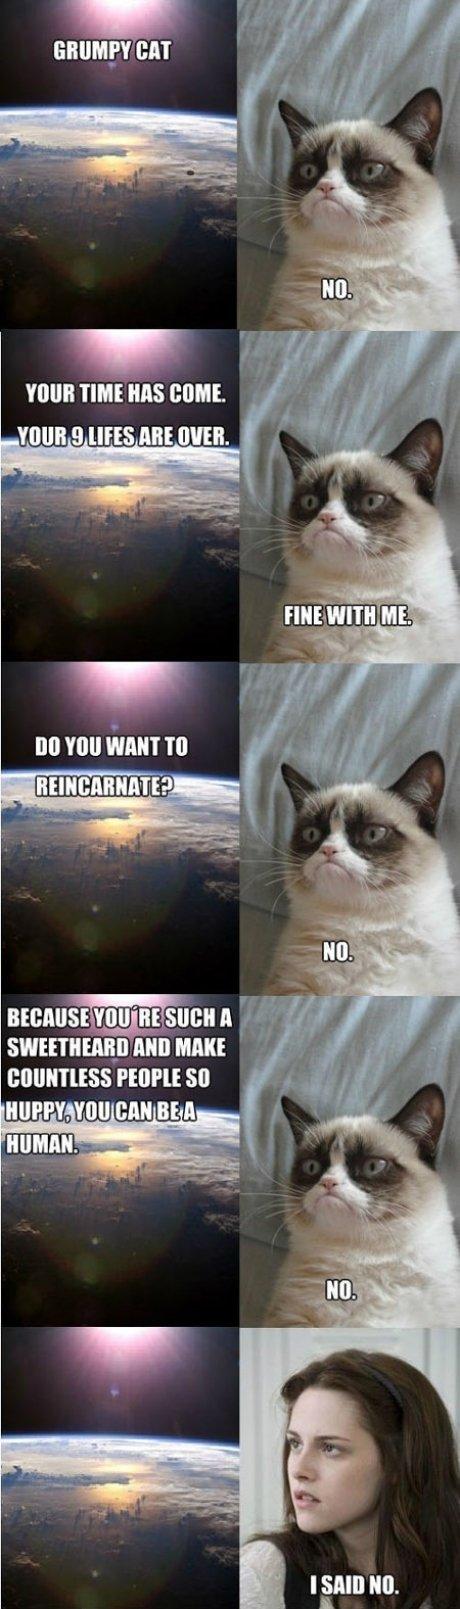 grumpy cat. . TIME MS dmit. VINE g HHS ME HIKE. TIMI HINT TO kirill alum mm FE[ Ipl. £ so alt. Sweetheard? grumpy cat TIME MS dmit VINE g HHS ME HIKE TIMI HINT TO kirill alum mm FE[ Ipl £ so alt Sweetheard?